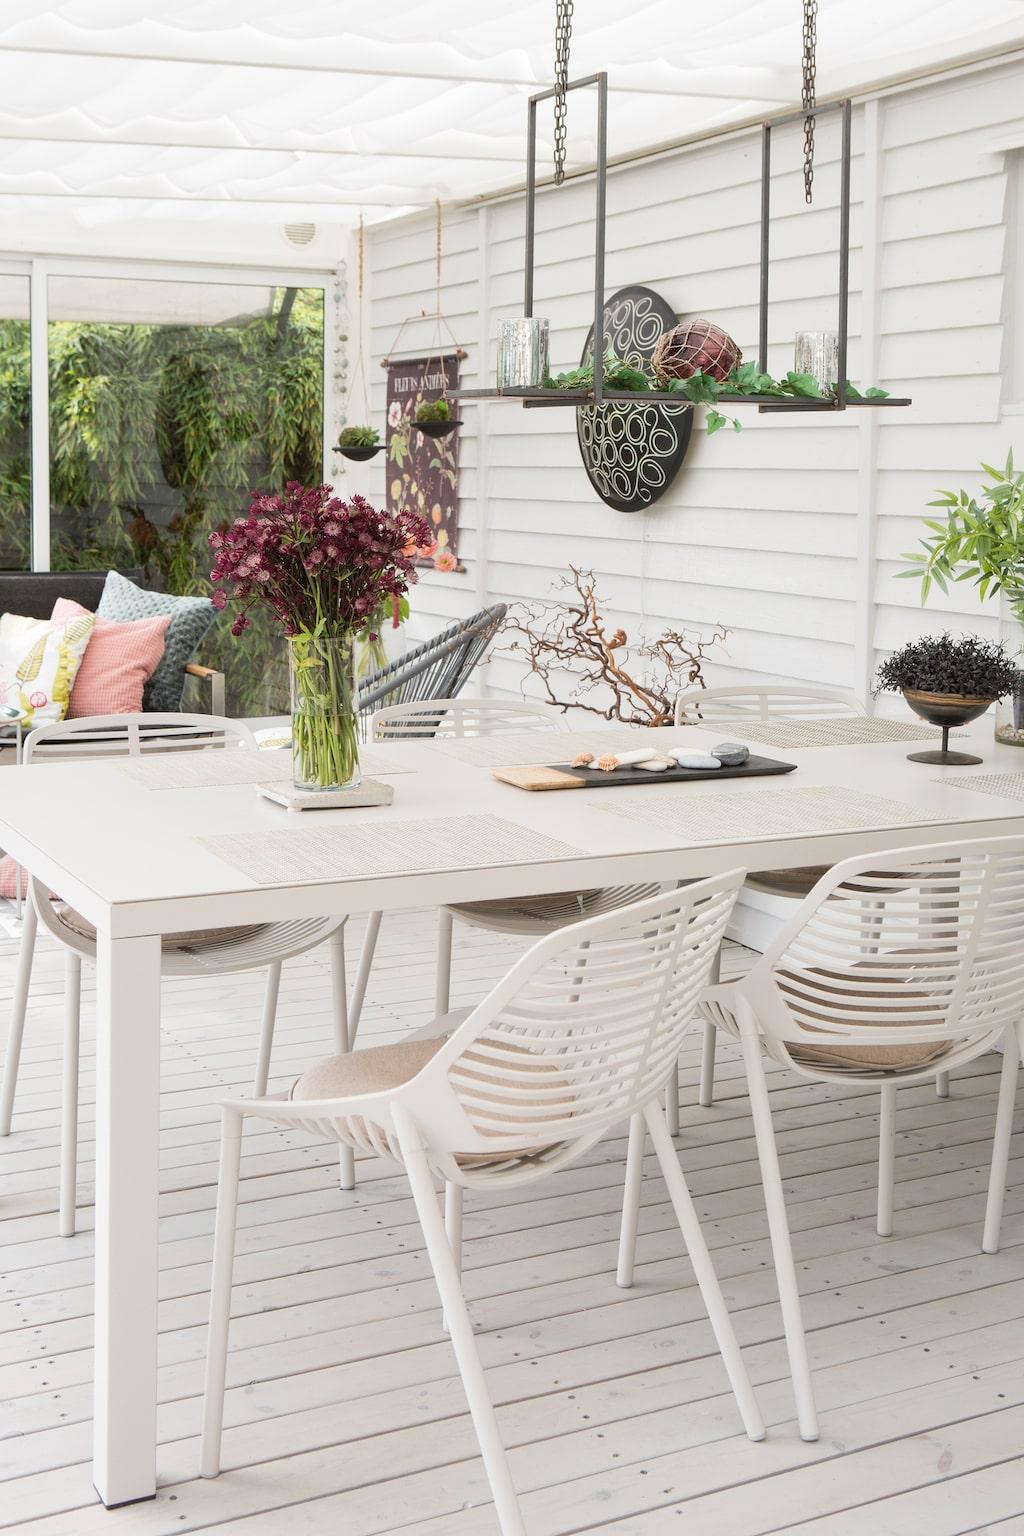 Matplatsen domineras av ett generöst bord och stolar från Hulténs i Staffanstorp. Lampan ovanför bordet är från Majas Cottage, Lorensdal. Den runda väggbelysningen kommer från Ting Ute & Inne.